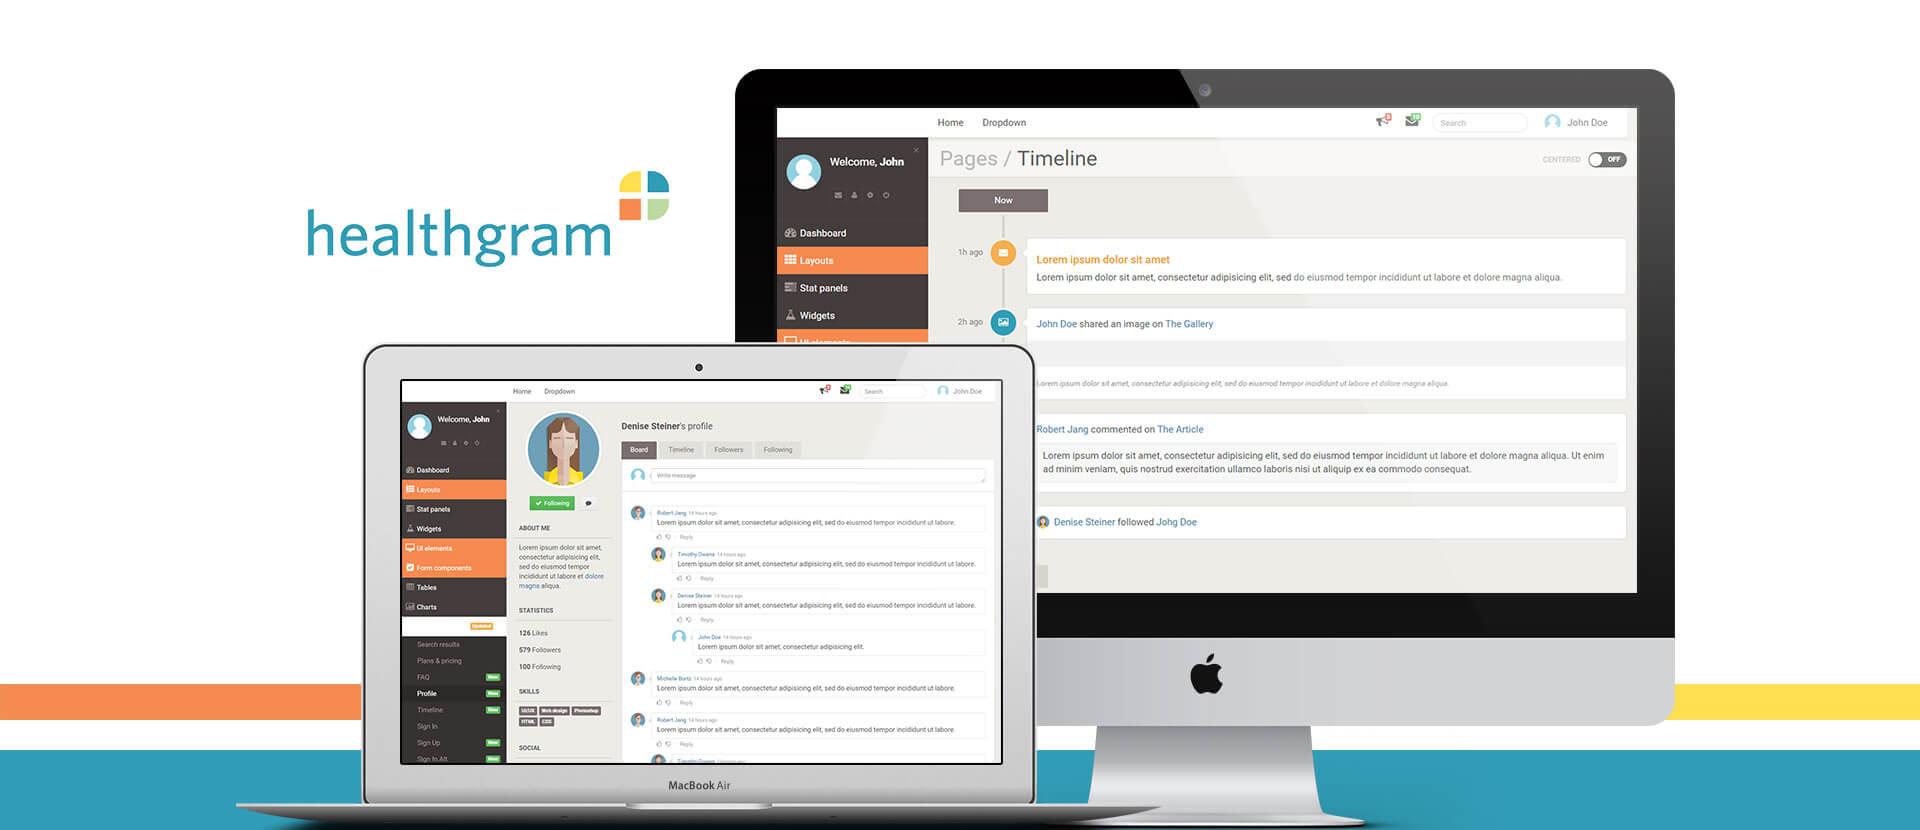 Healthgram-Device-start-panel-slider-4